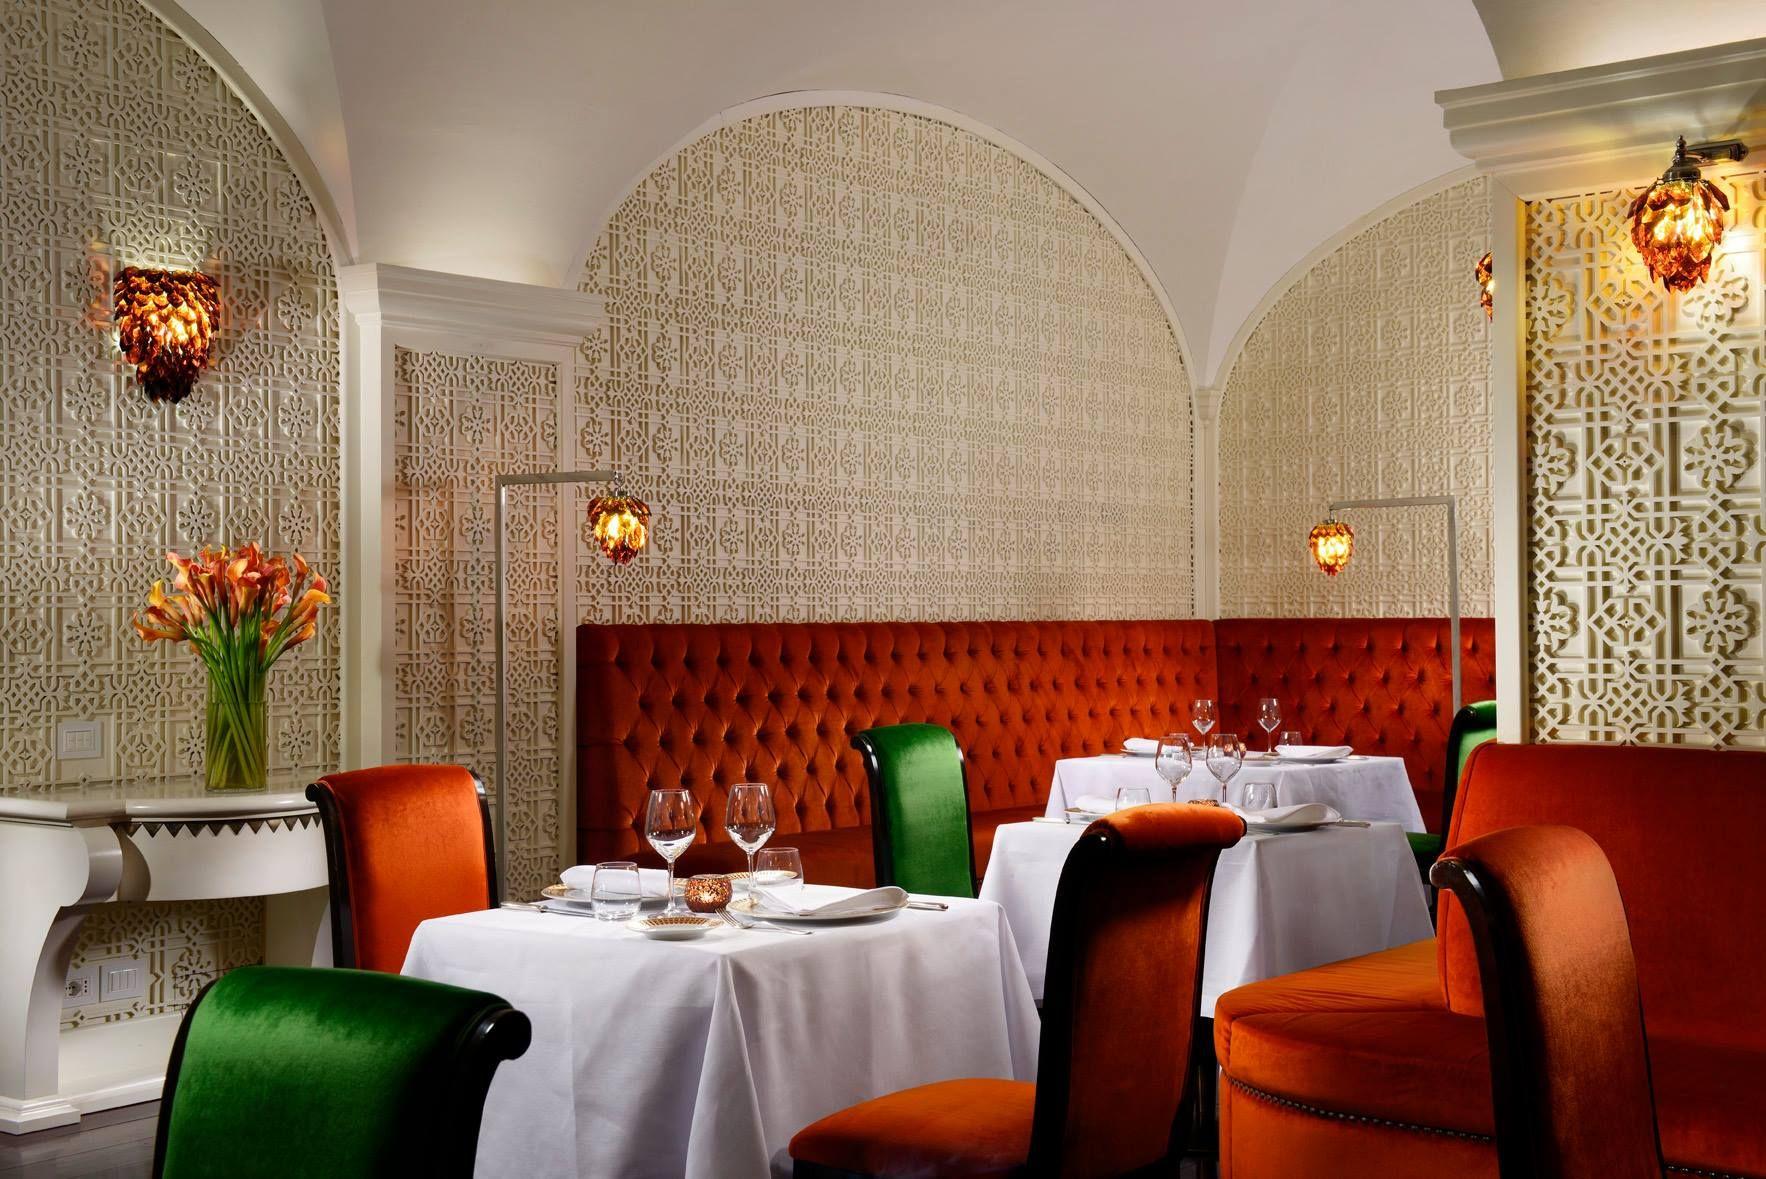 Grand Villa Restaurant